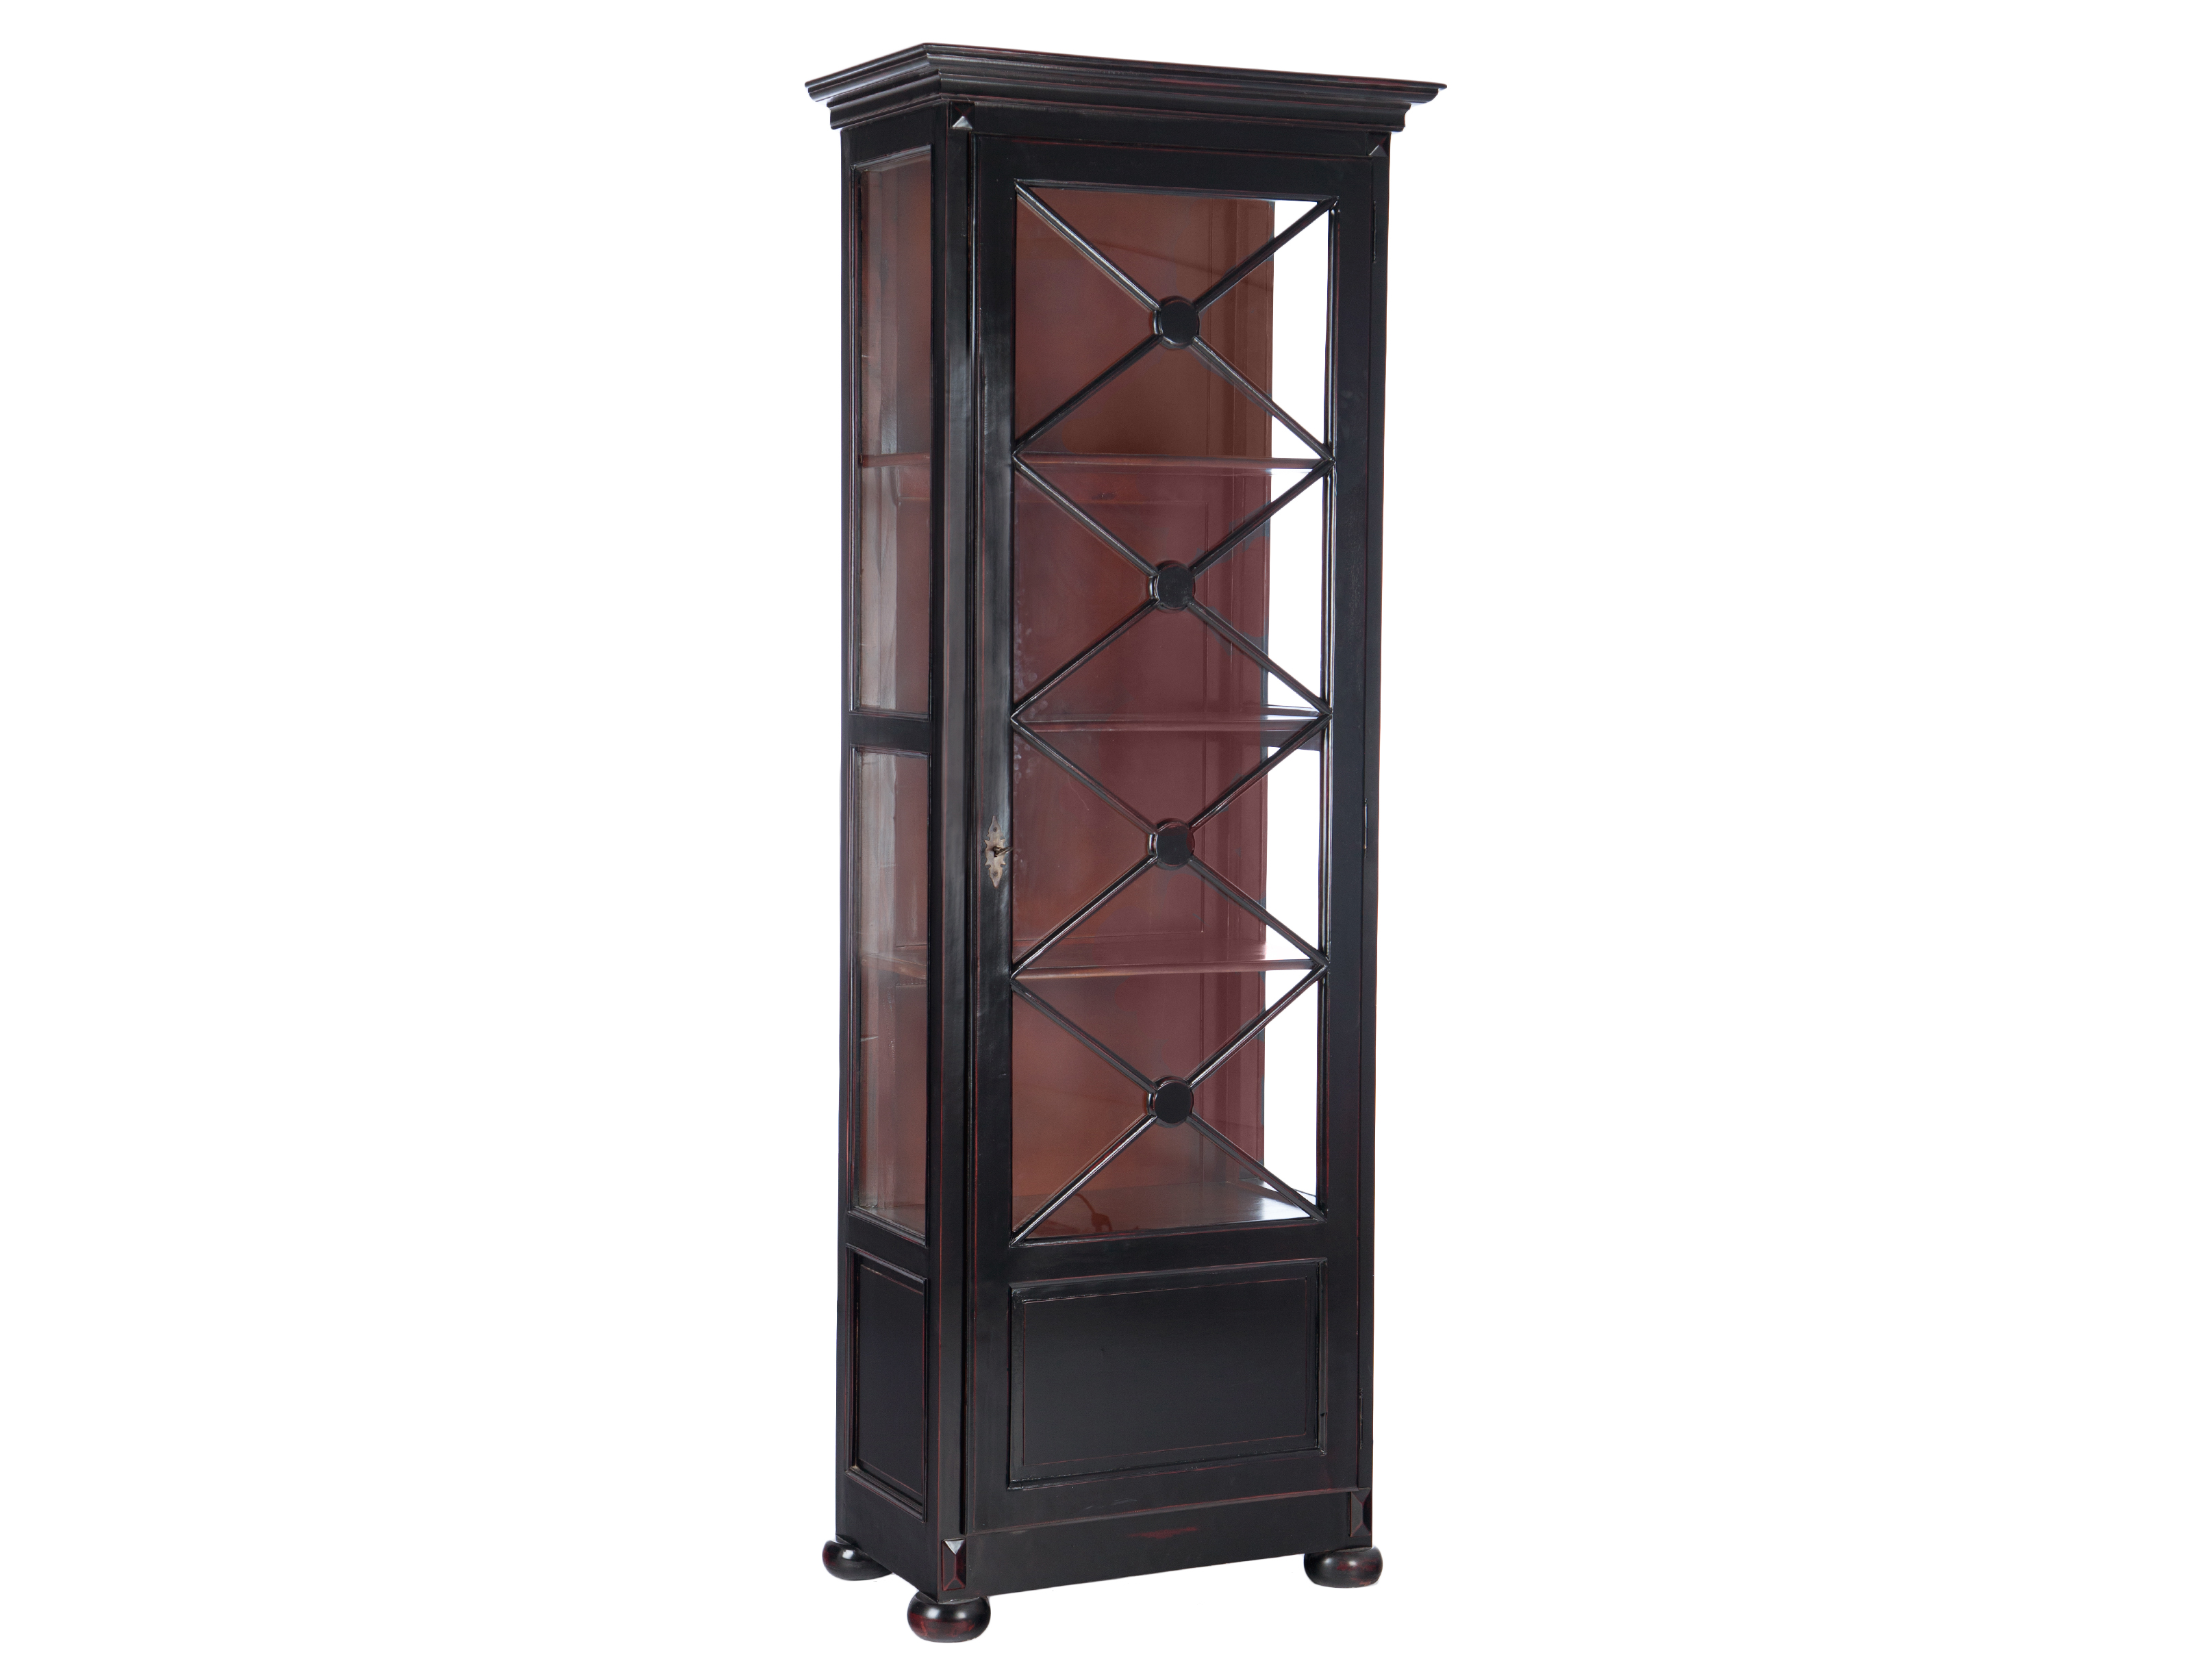 Библиотека АдамКнижные шкафы и библиотеки<br>Библиотека (витрина). Декорированная дверца со стеклом, стекло по бокам. Цвет черный с красноватой патиной, внутри коричневый.&amp;amp;nbsp;<br><br>Material: Красное дерево<br>Width см: 82<br>Depth см: 47<br>Height см: 220